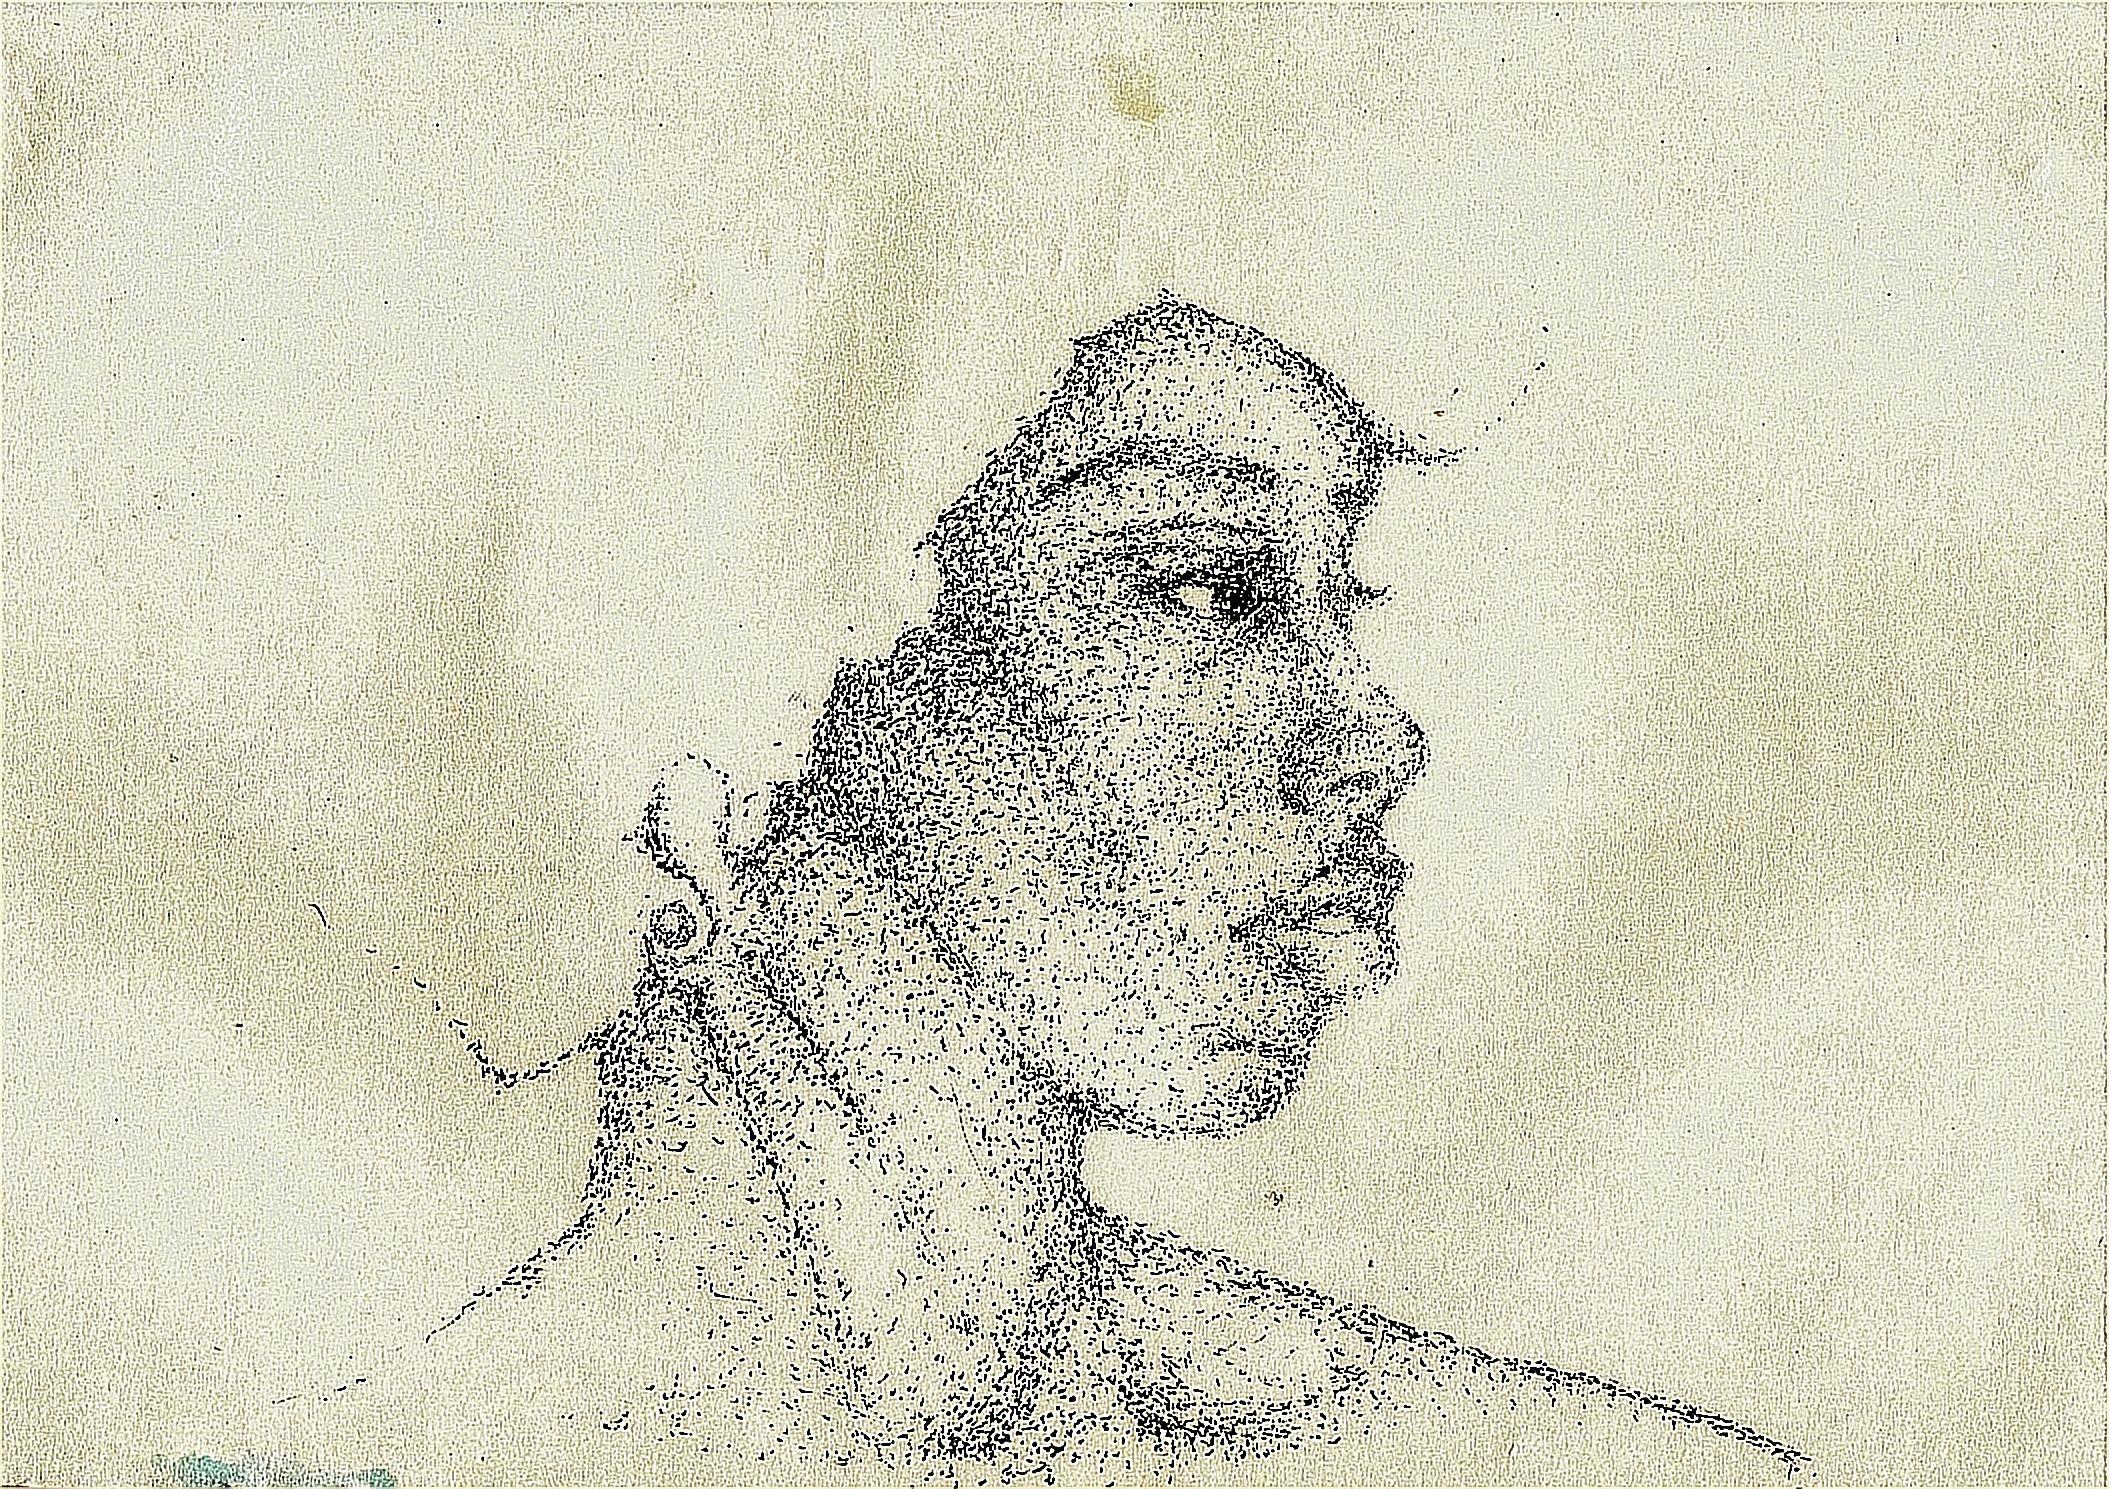 black art pontilhismo, nanquin